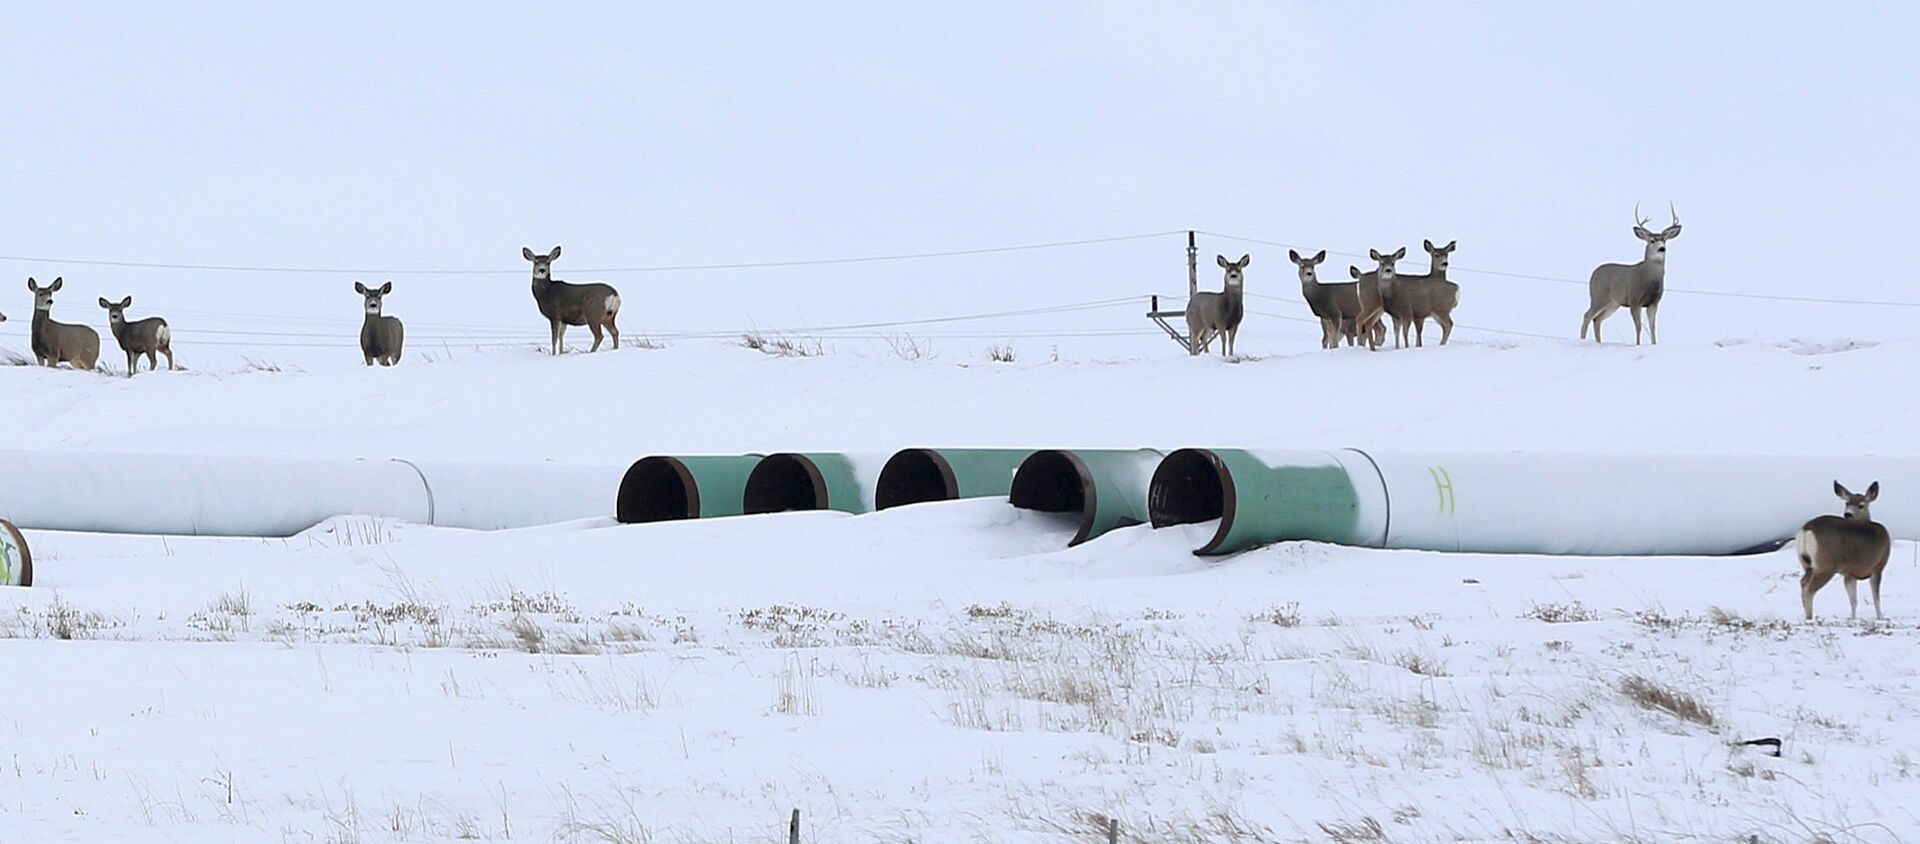 Олени собираются на складе, где хранятся трубы для планируемого нефтепровода Keystone XL в Гаскойне, Северная Дакота - Sputnik Беларусь, 1920, 26.01.2021